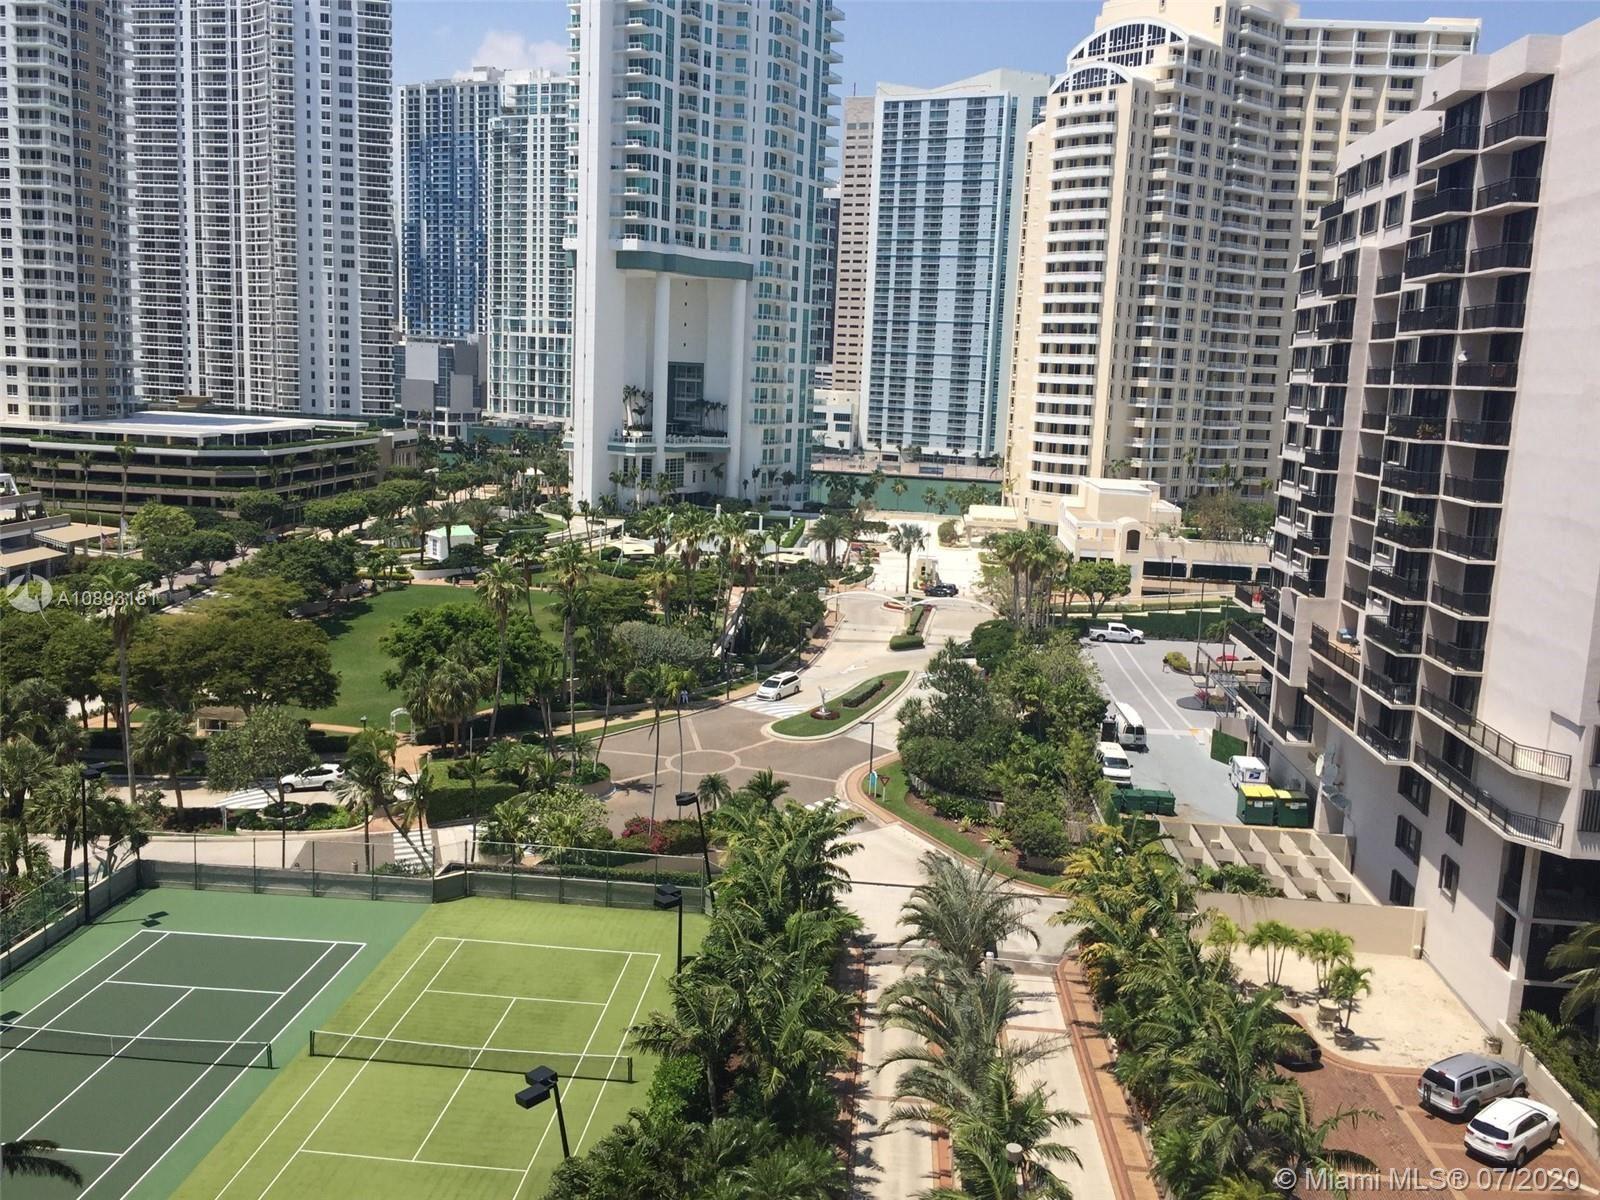 520 Brickell Key Dr #A1210, Miami, FL 33131 - #: A10893181